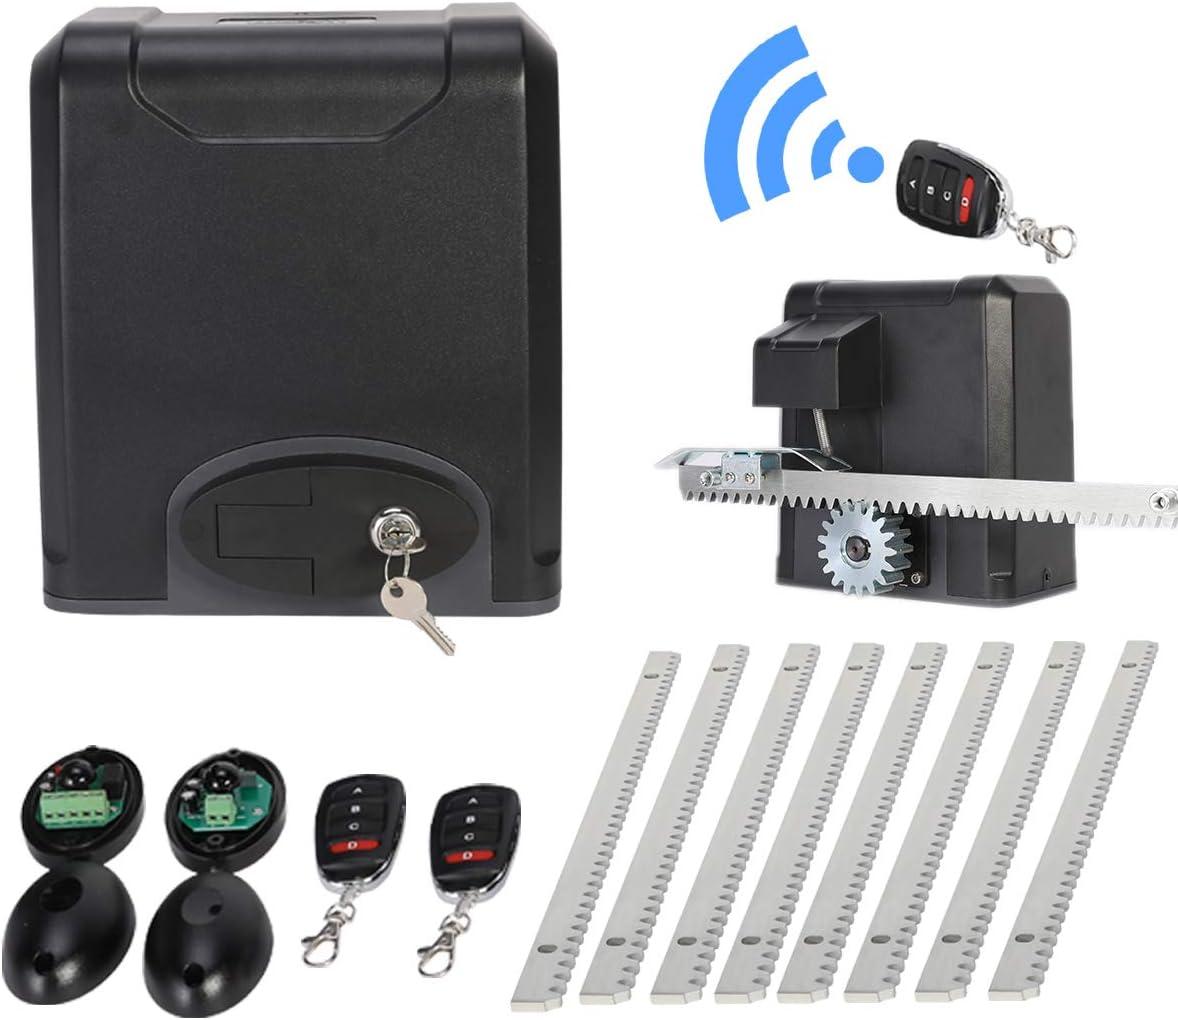 Sfeomi - Abrepuertas automático para garaje, operador eléctrico de puerta corredera, kit con mandos a distancia Arm Swing Gate Opener 200 W: Amazon.es: Bricolaje y herramientas